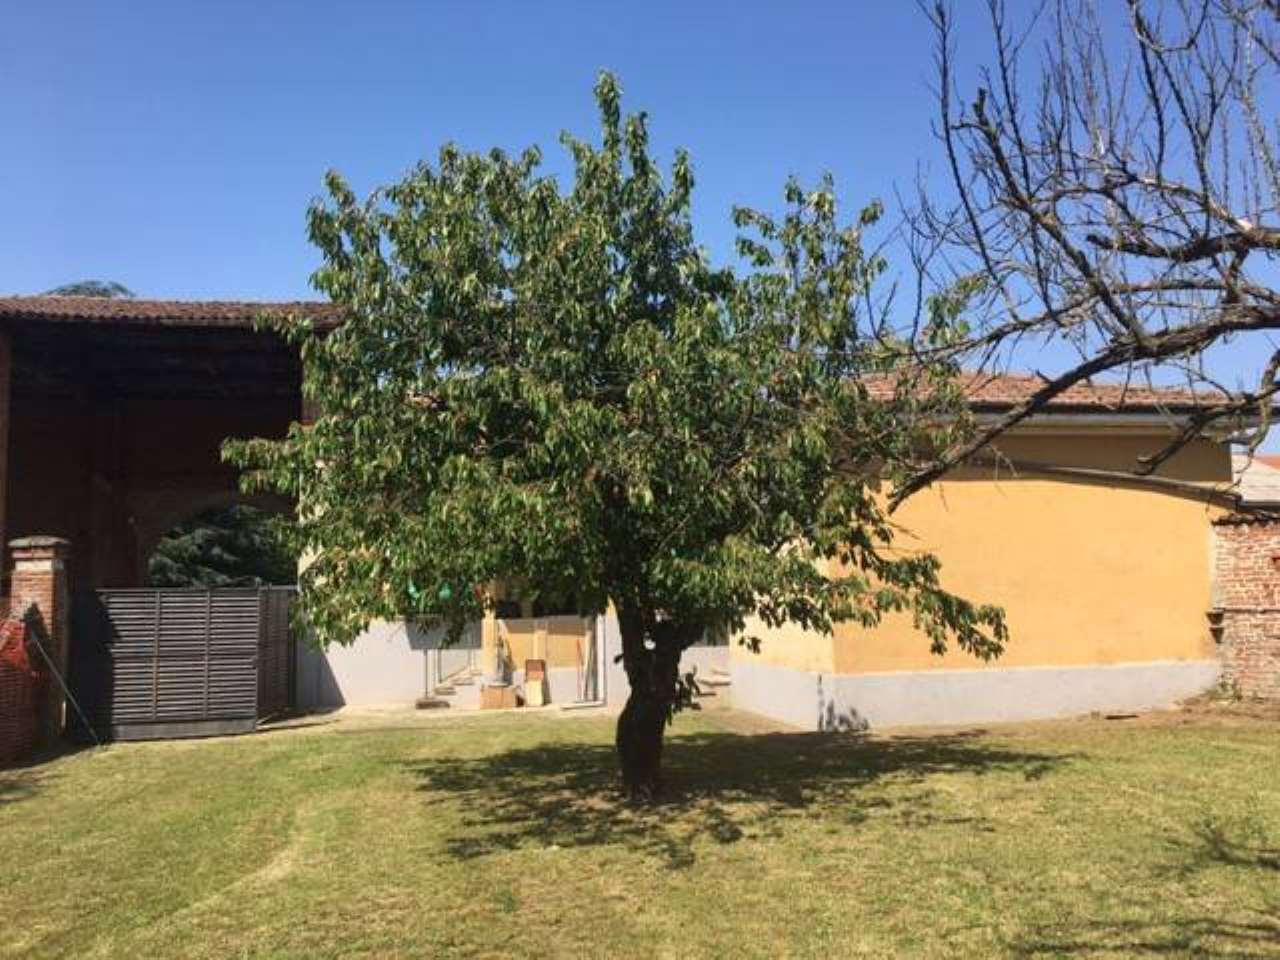 Villa in vendita a Castelspina, 3 locali, prezzo € 50.000 | CambioCasa.it